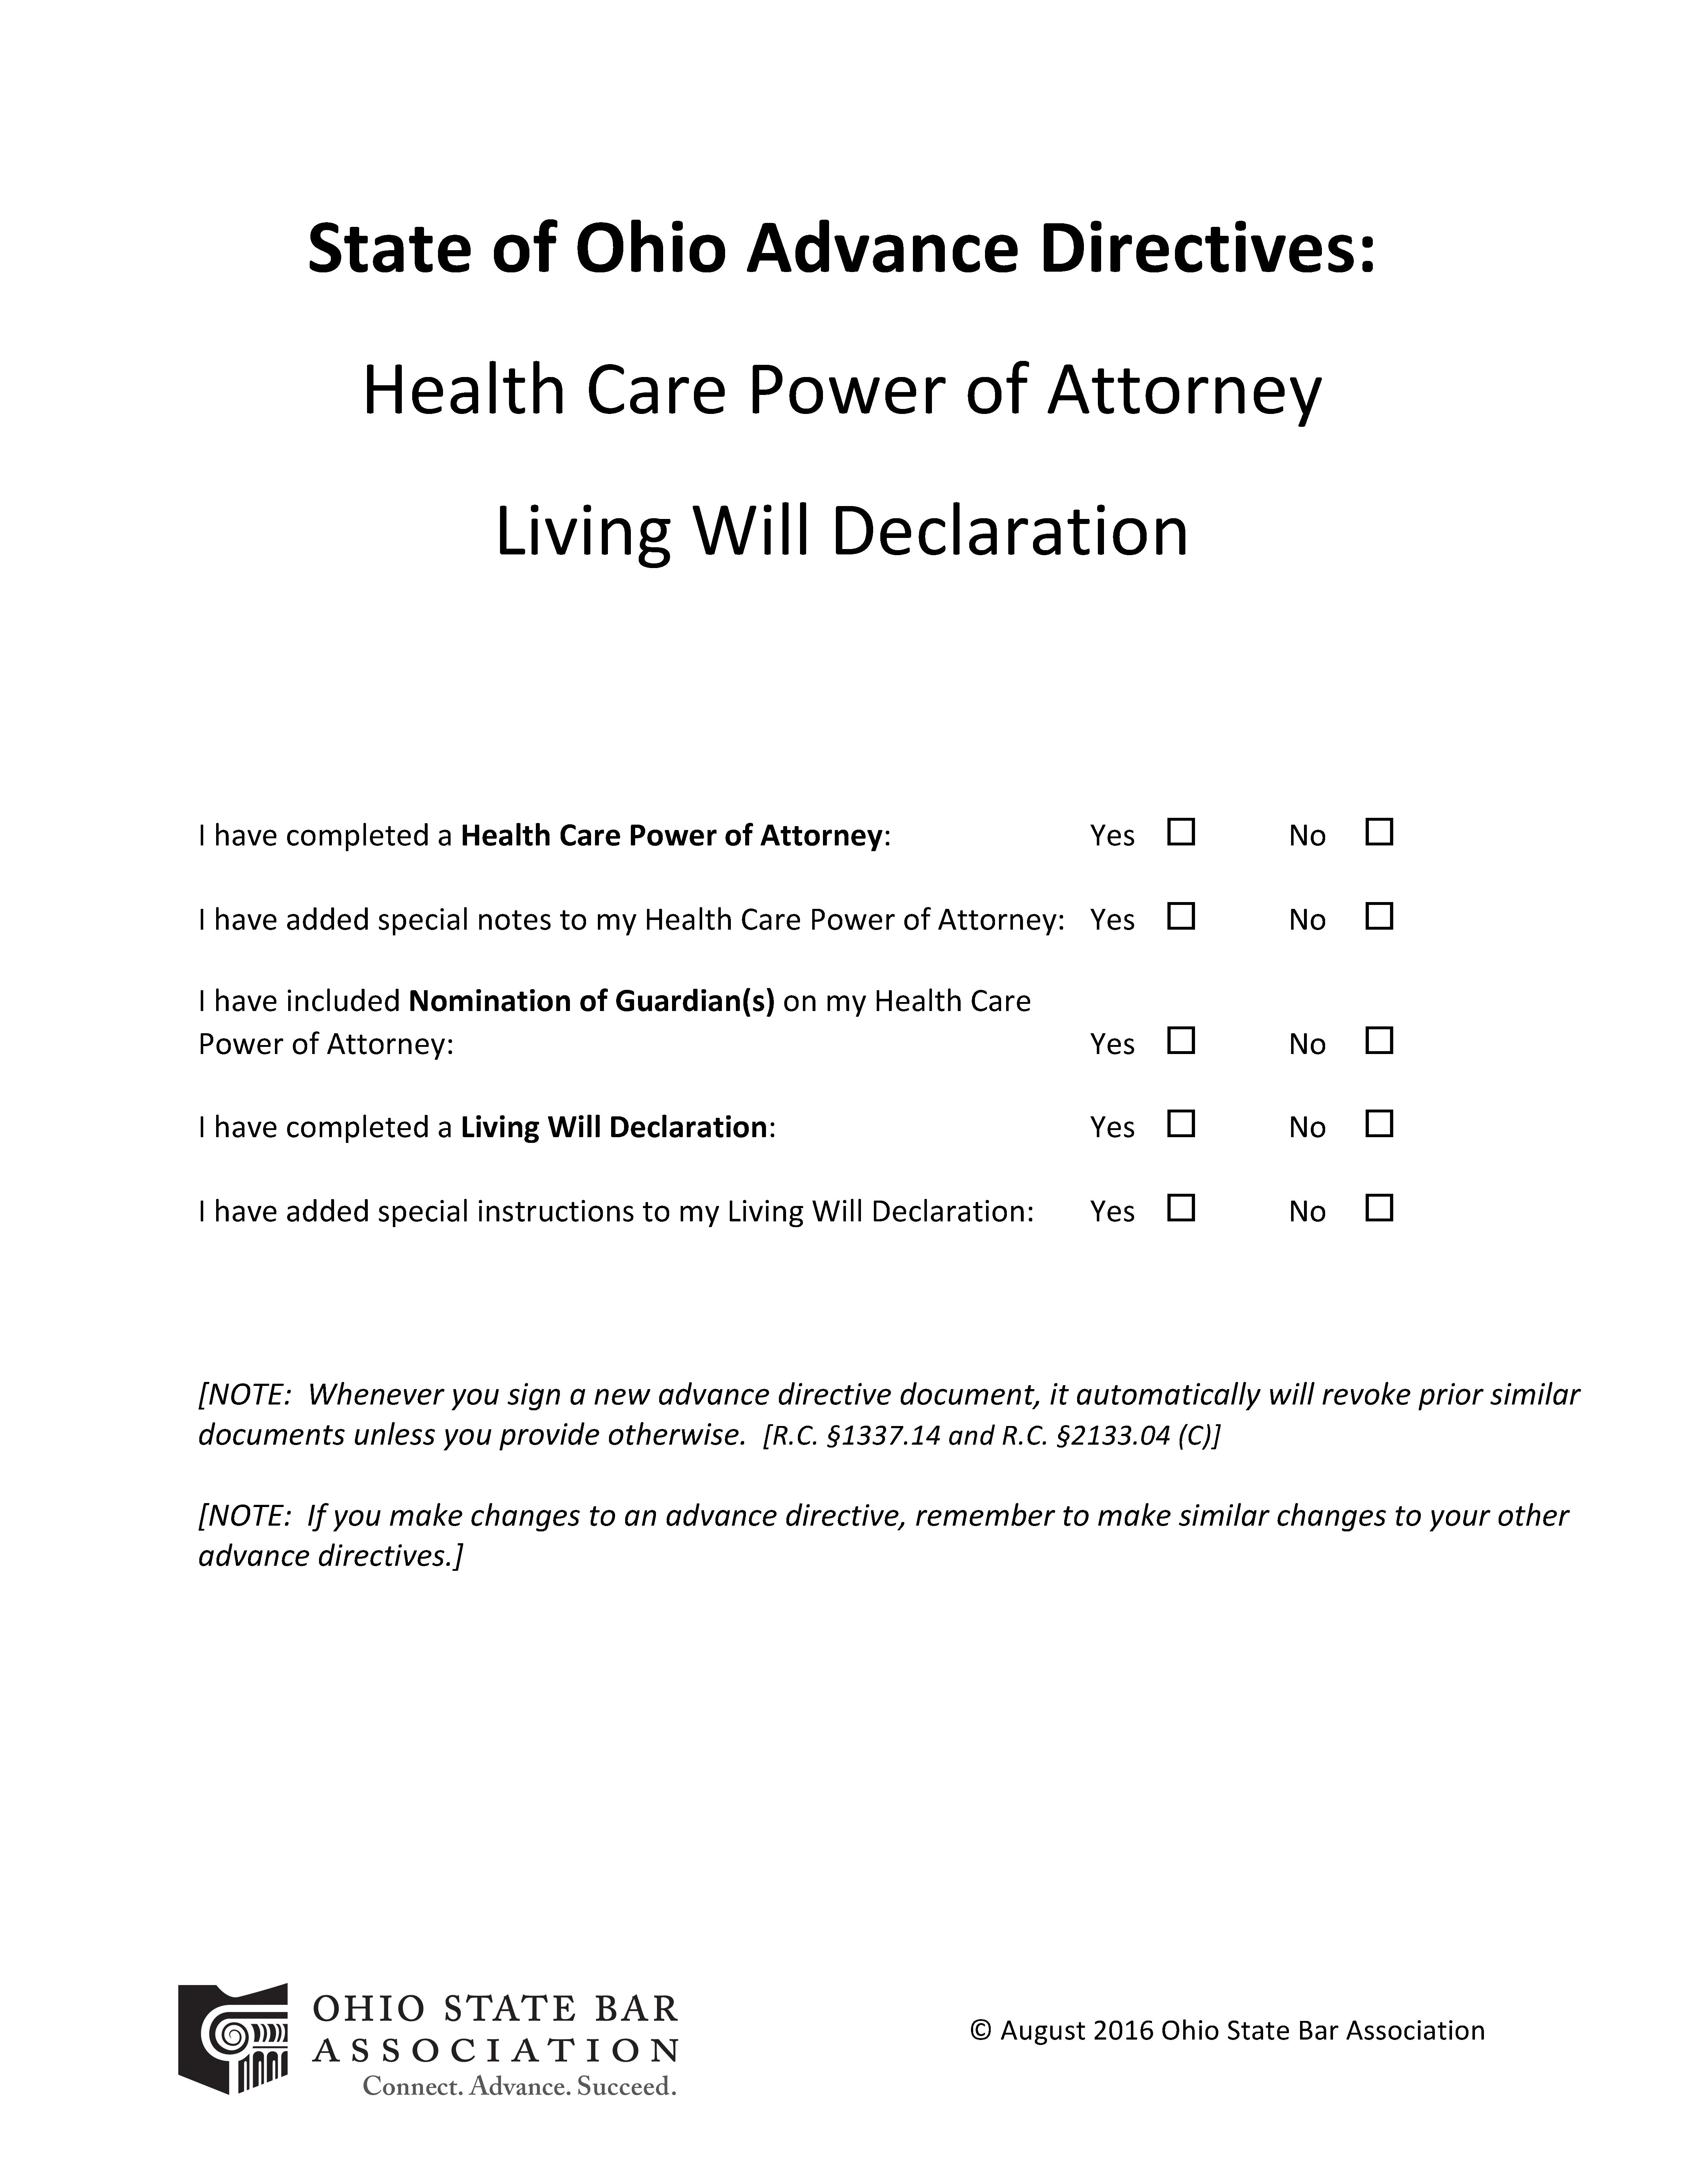 Ohio Advance Directive For Health Care